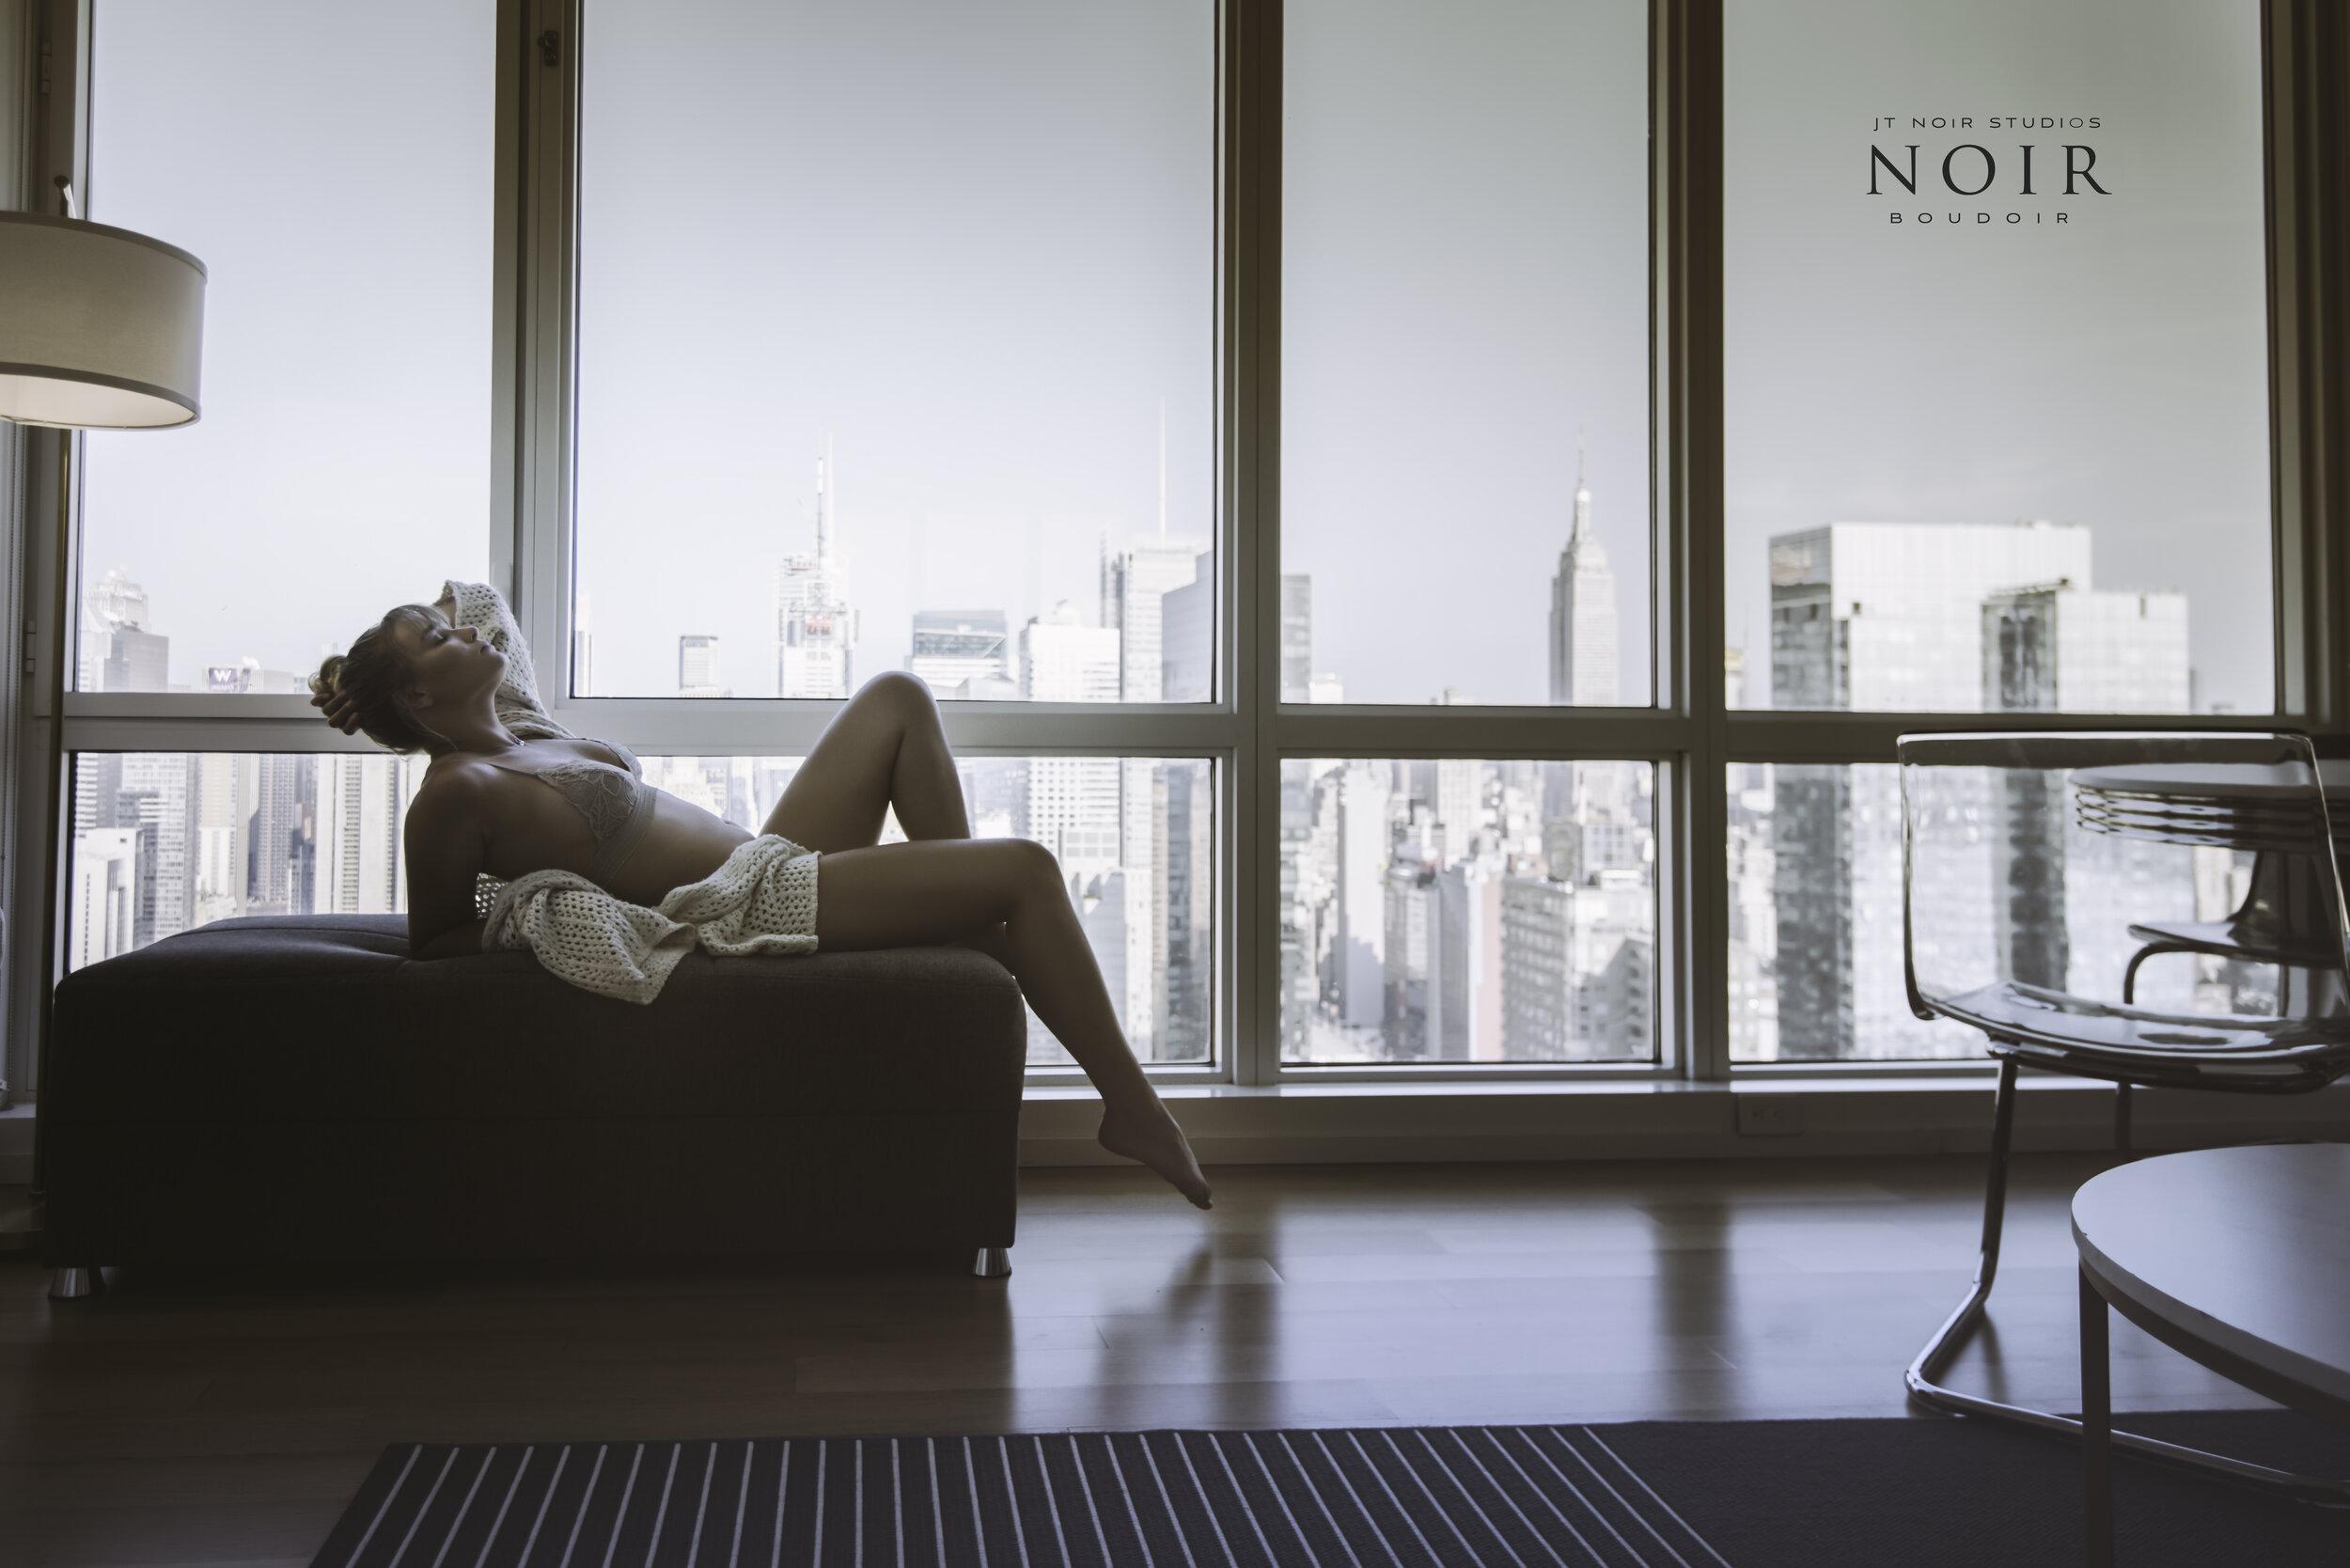 JTNoirStudios_Aislin_NYC.jpg